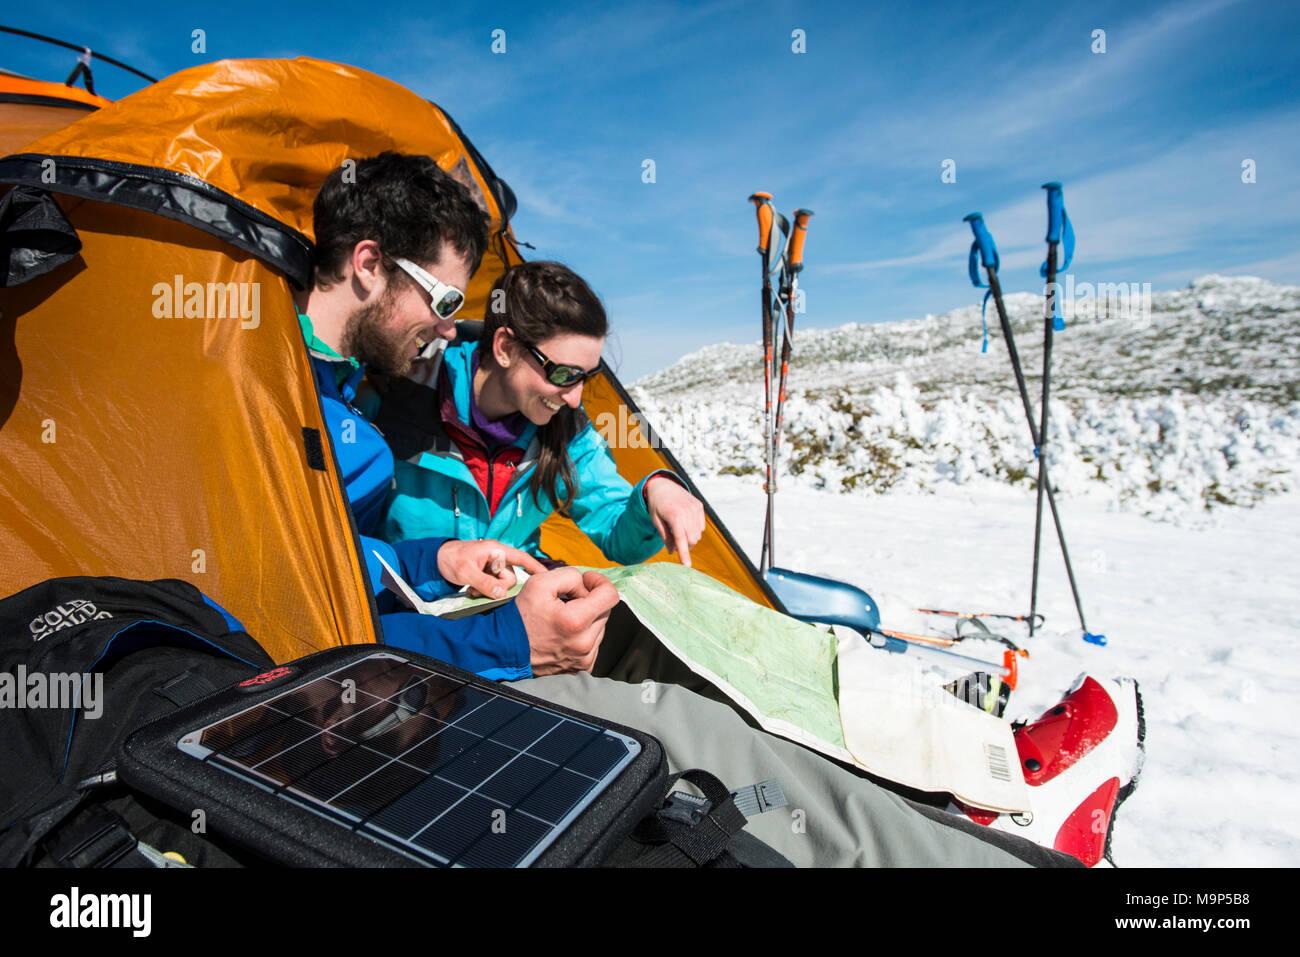 L'homme et la femme la mise en place de camping en hiver dans les montagnes pendant la journée, New Hampshire, USA Photo Stock